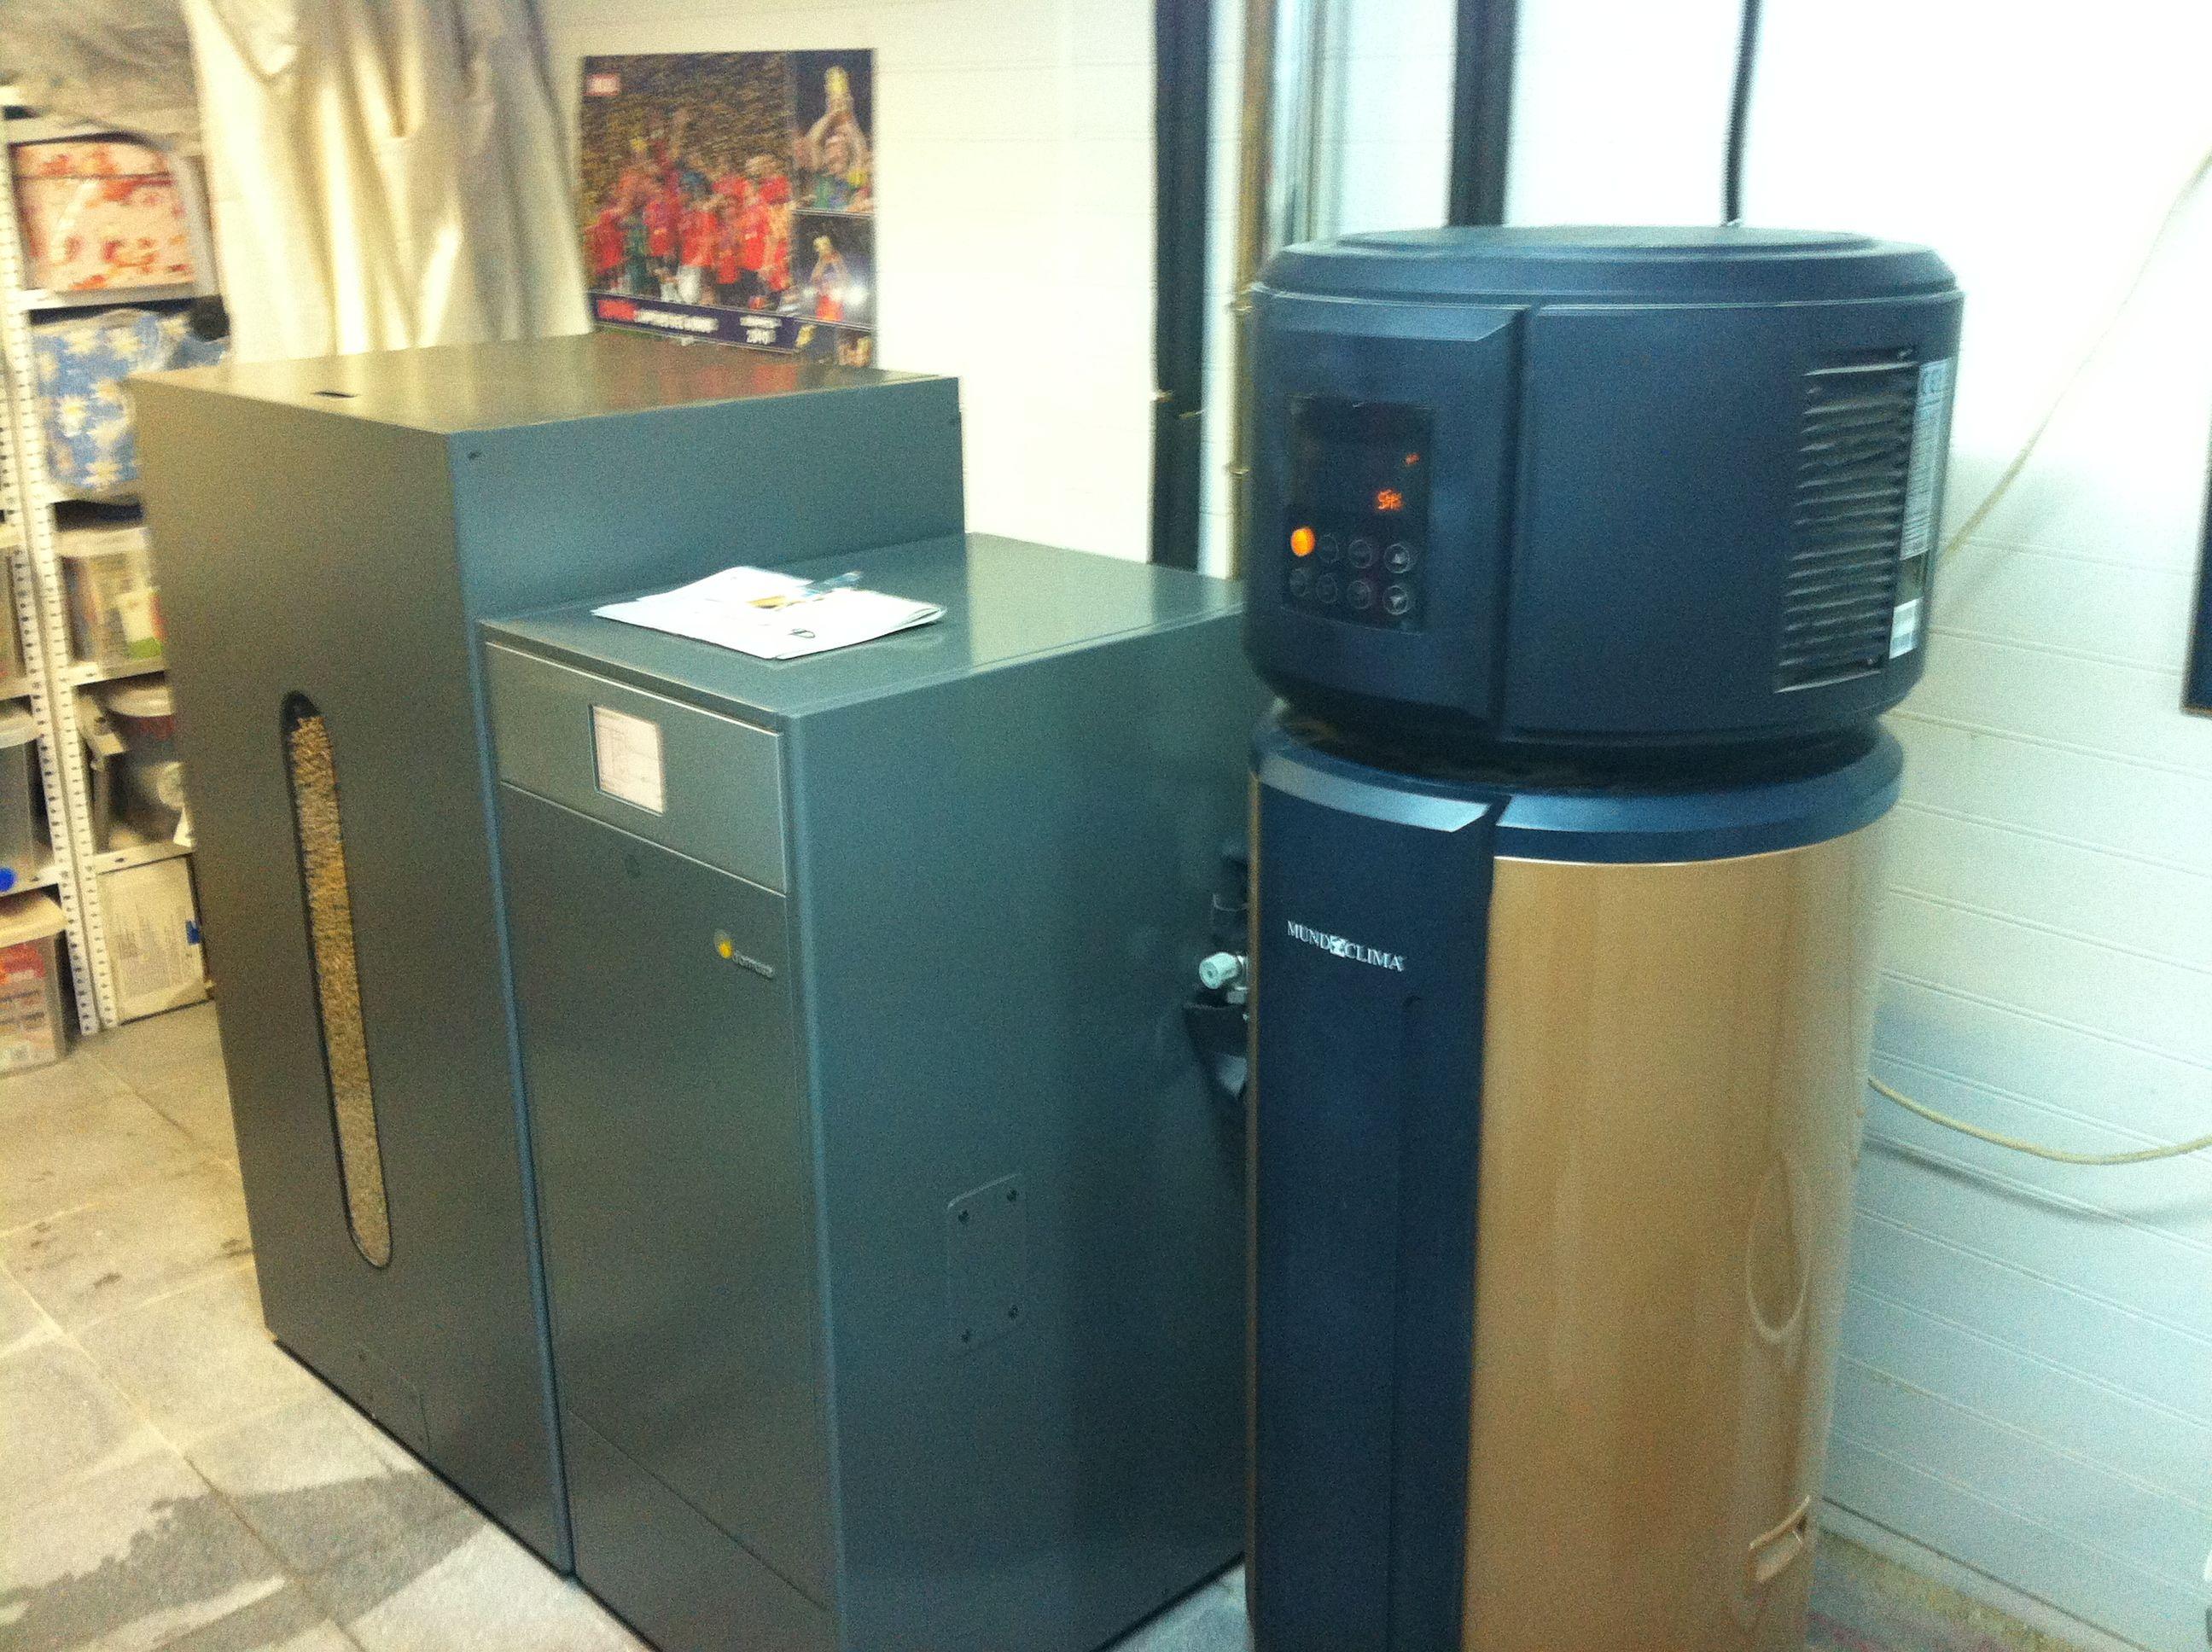 Instalaci n domusa bioclass y bomba de calor aerot rmica instalaci n de caldera de pellets - Caldera pellets agua y calefaccion ...